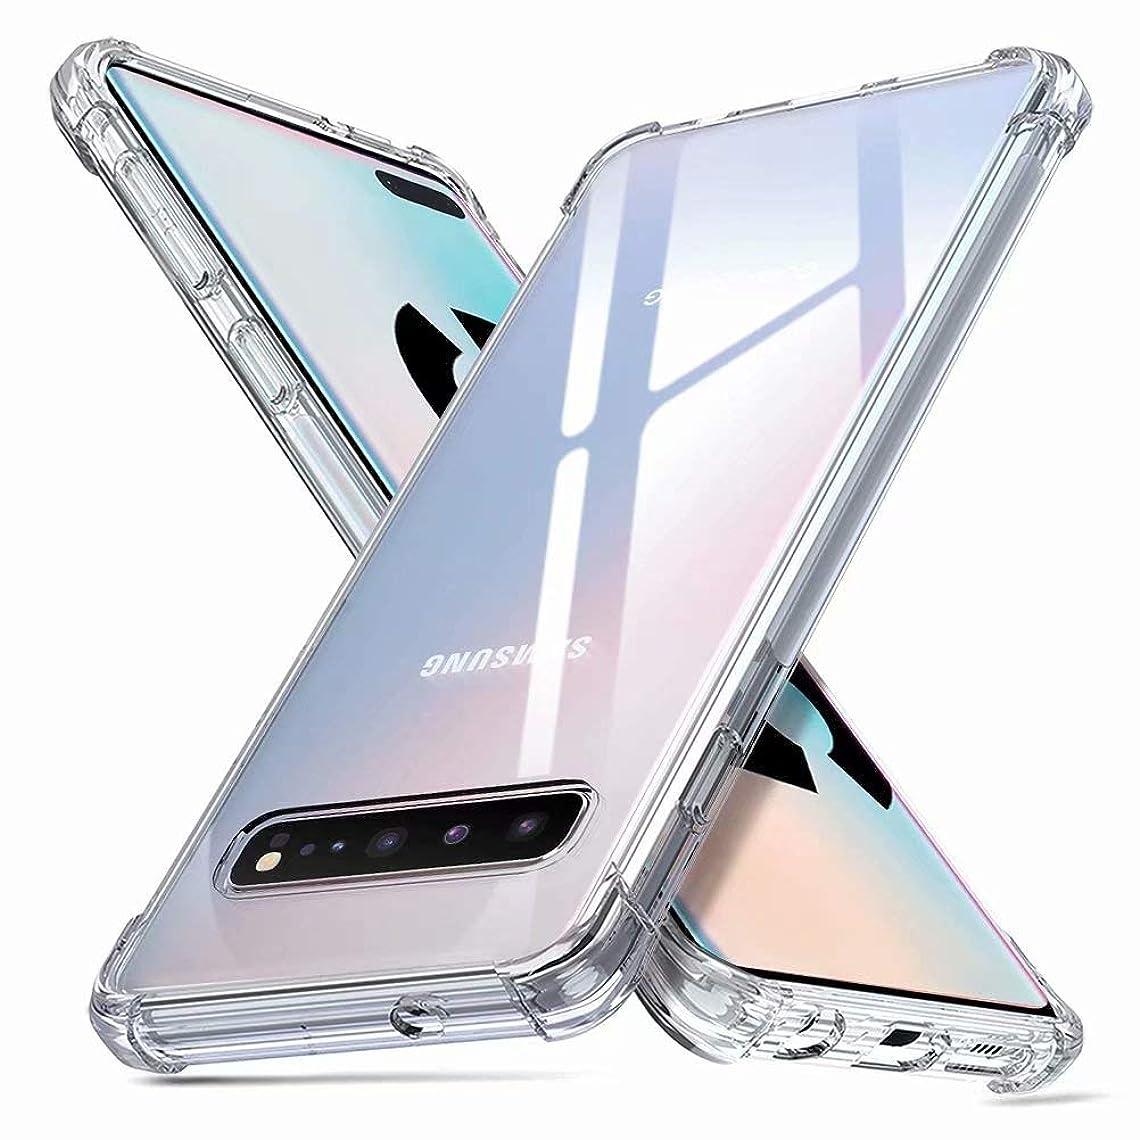 KKSJK Samsung Galaxy s10 5g ケース カバー 指紋防止 全面保護 耐衝撃 TPU柔らかいシリコーン透明な素材 保護カバー